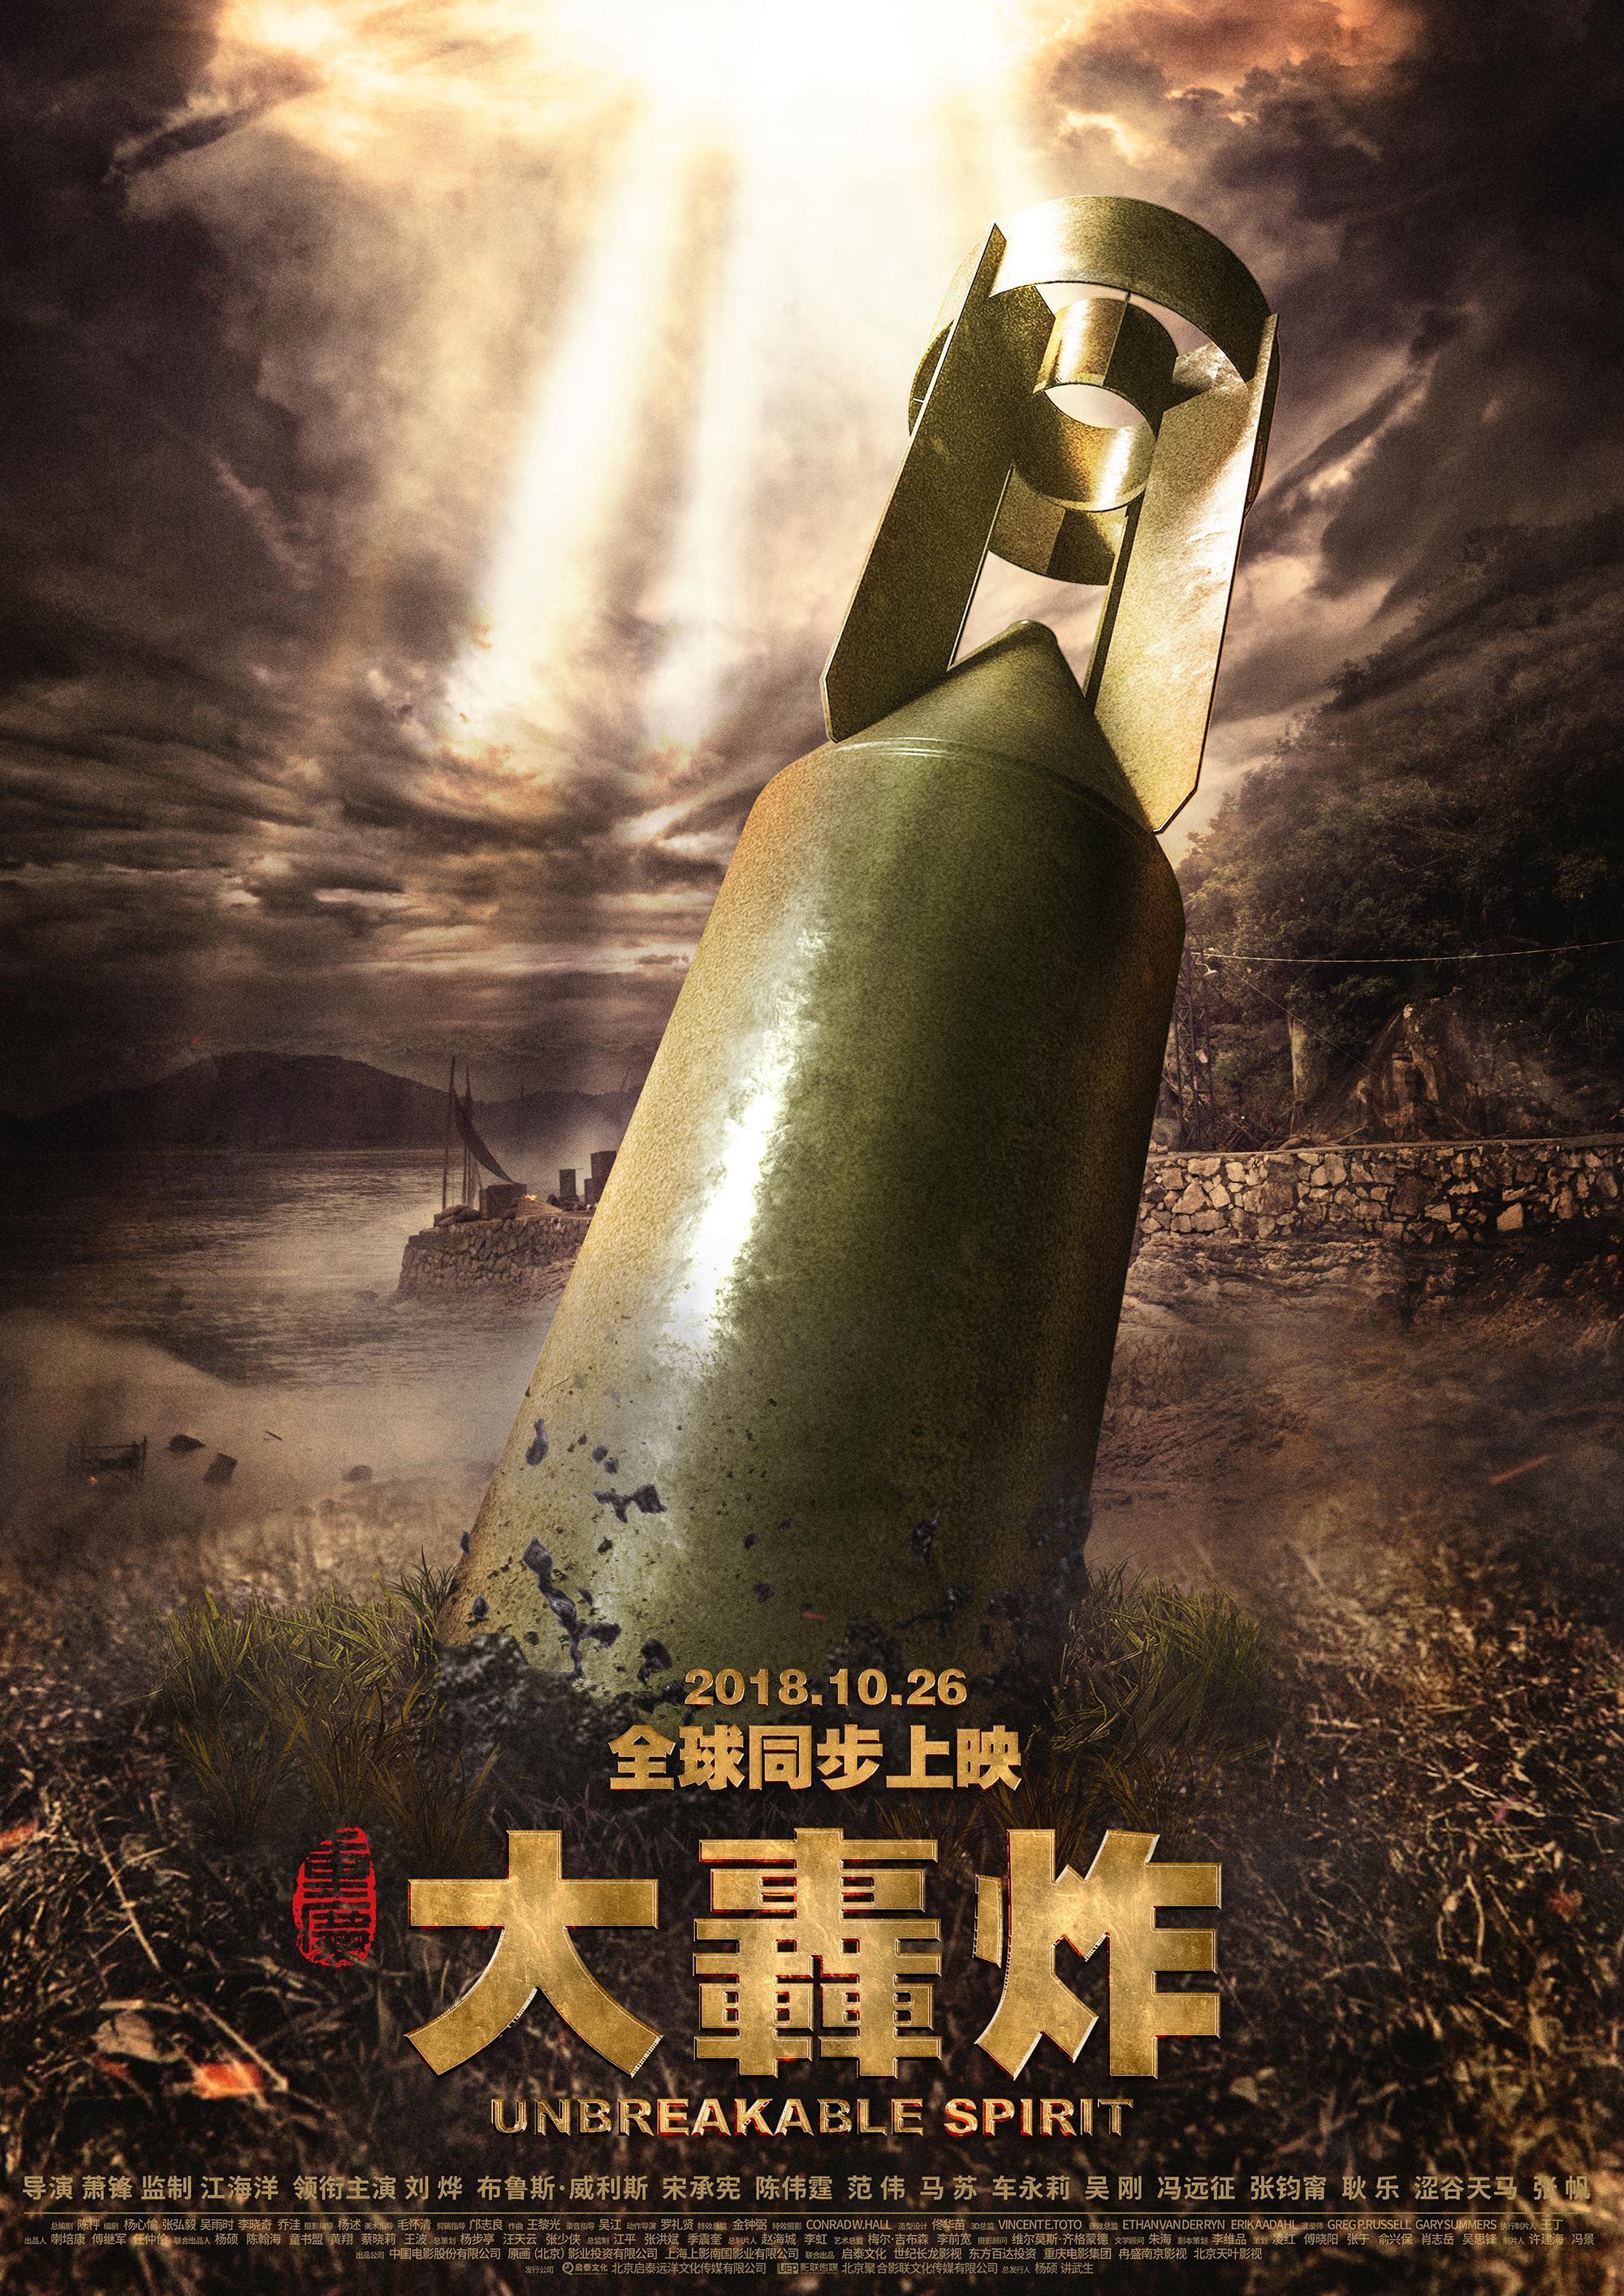 《大轰炸》改档10.26撤出暑期档 新海报范冰冰名字再消失